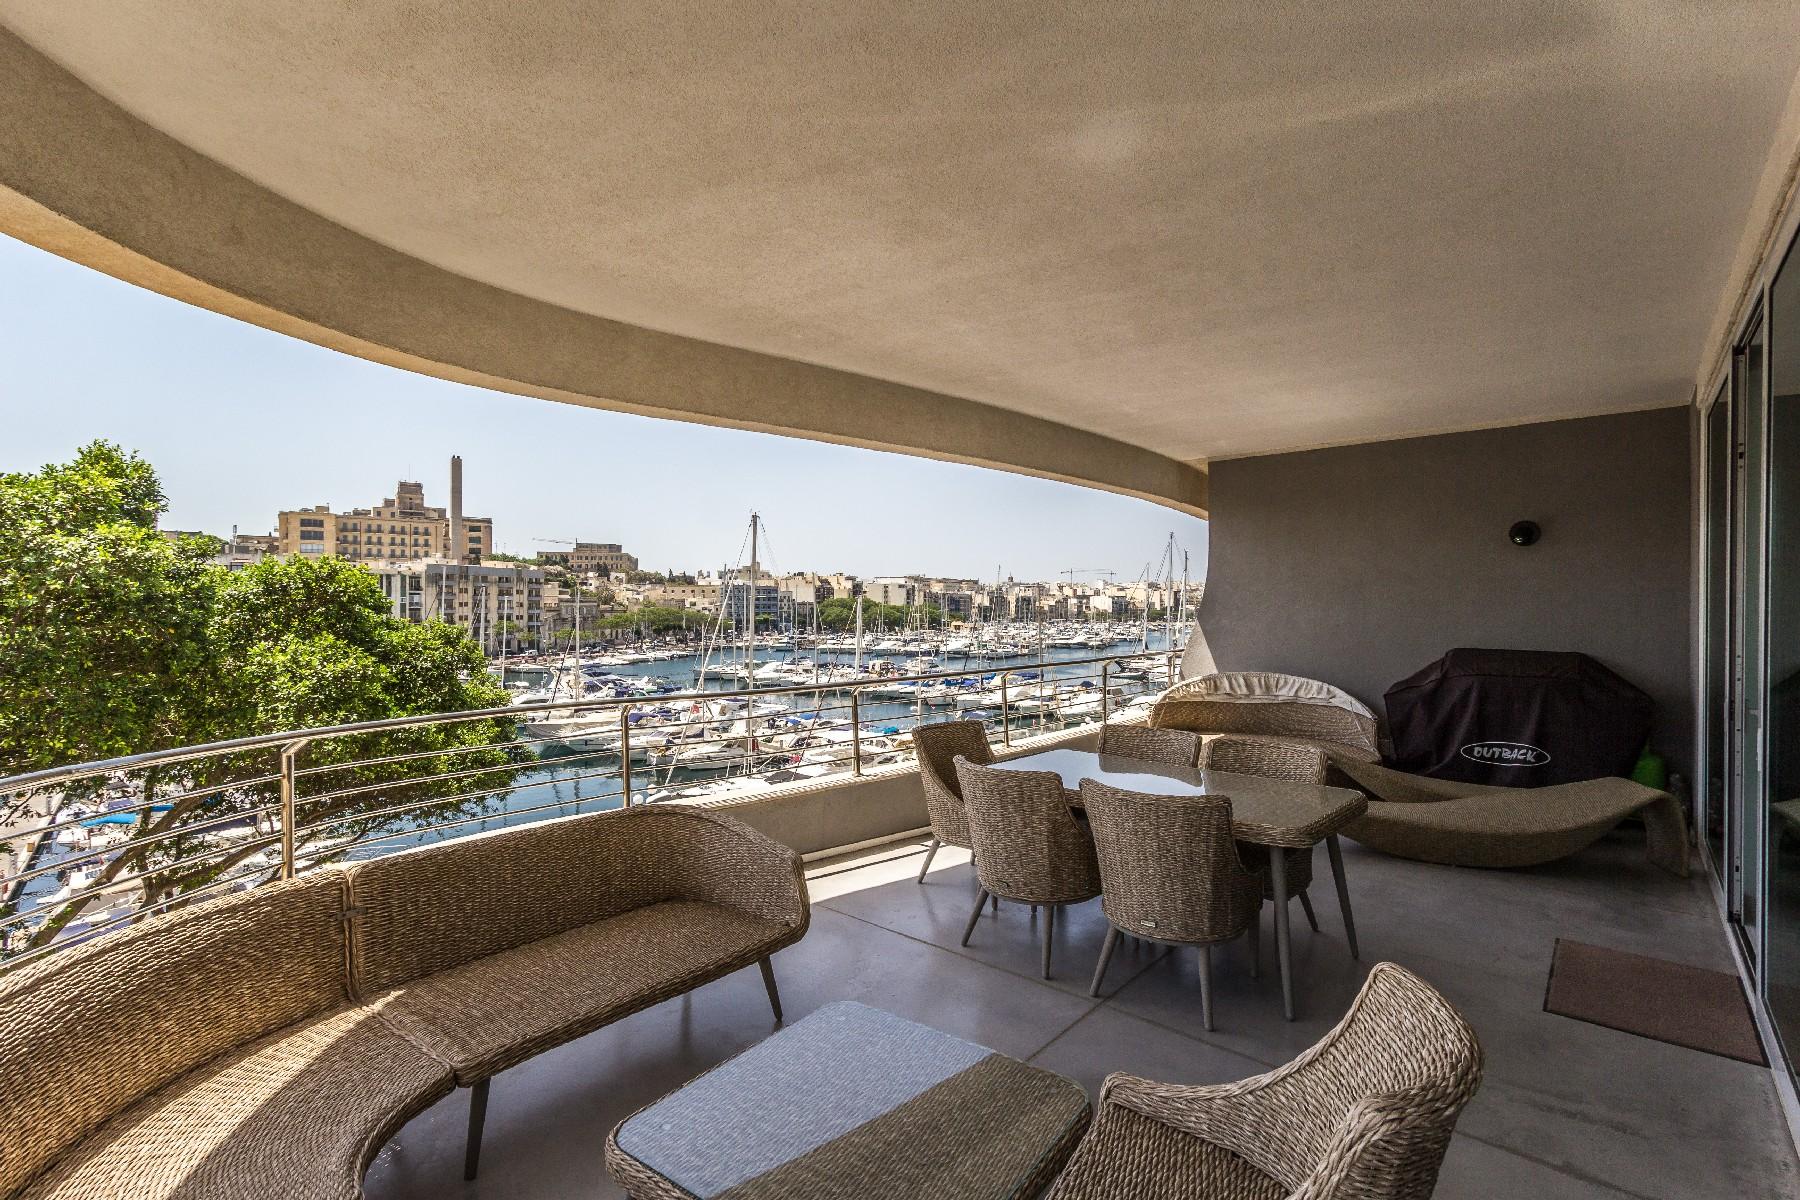 Квартира для того Продажа на Marina View Apartment Ta' Xbiex, Мальта